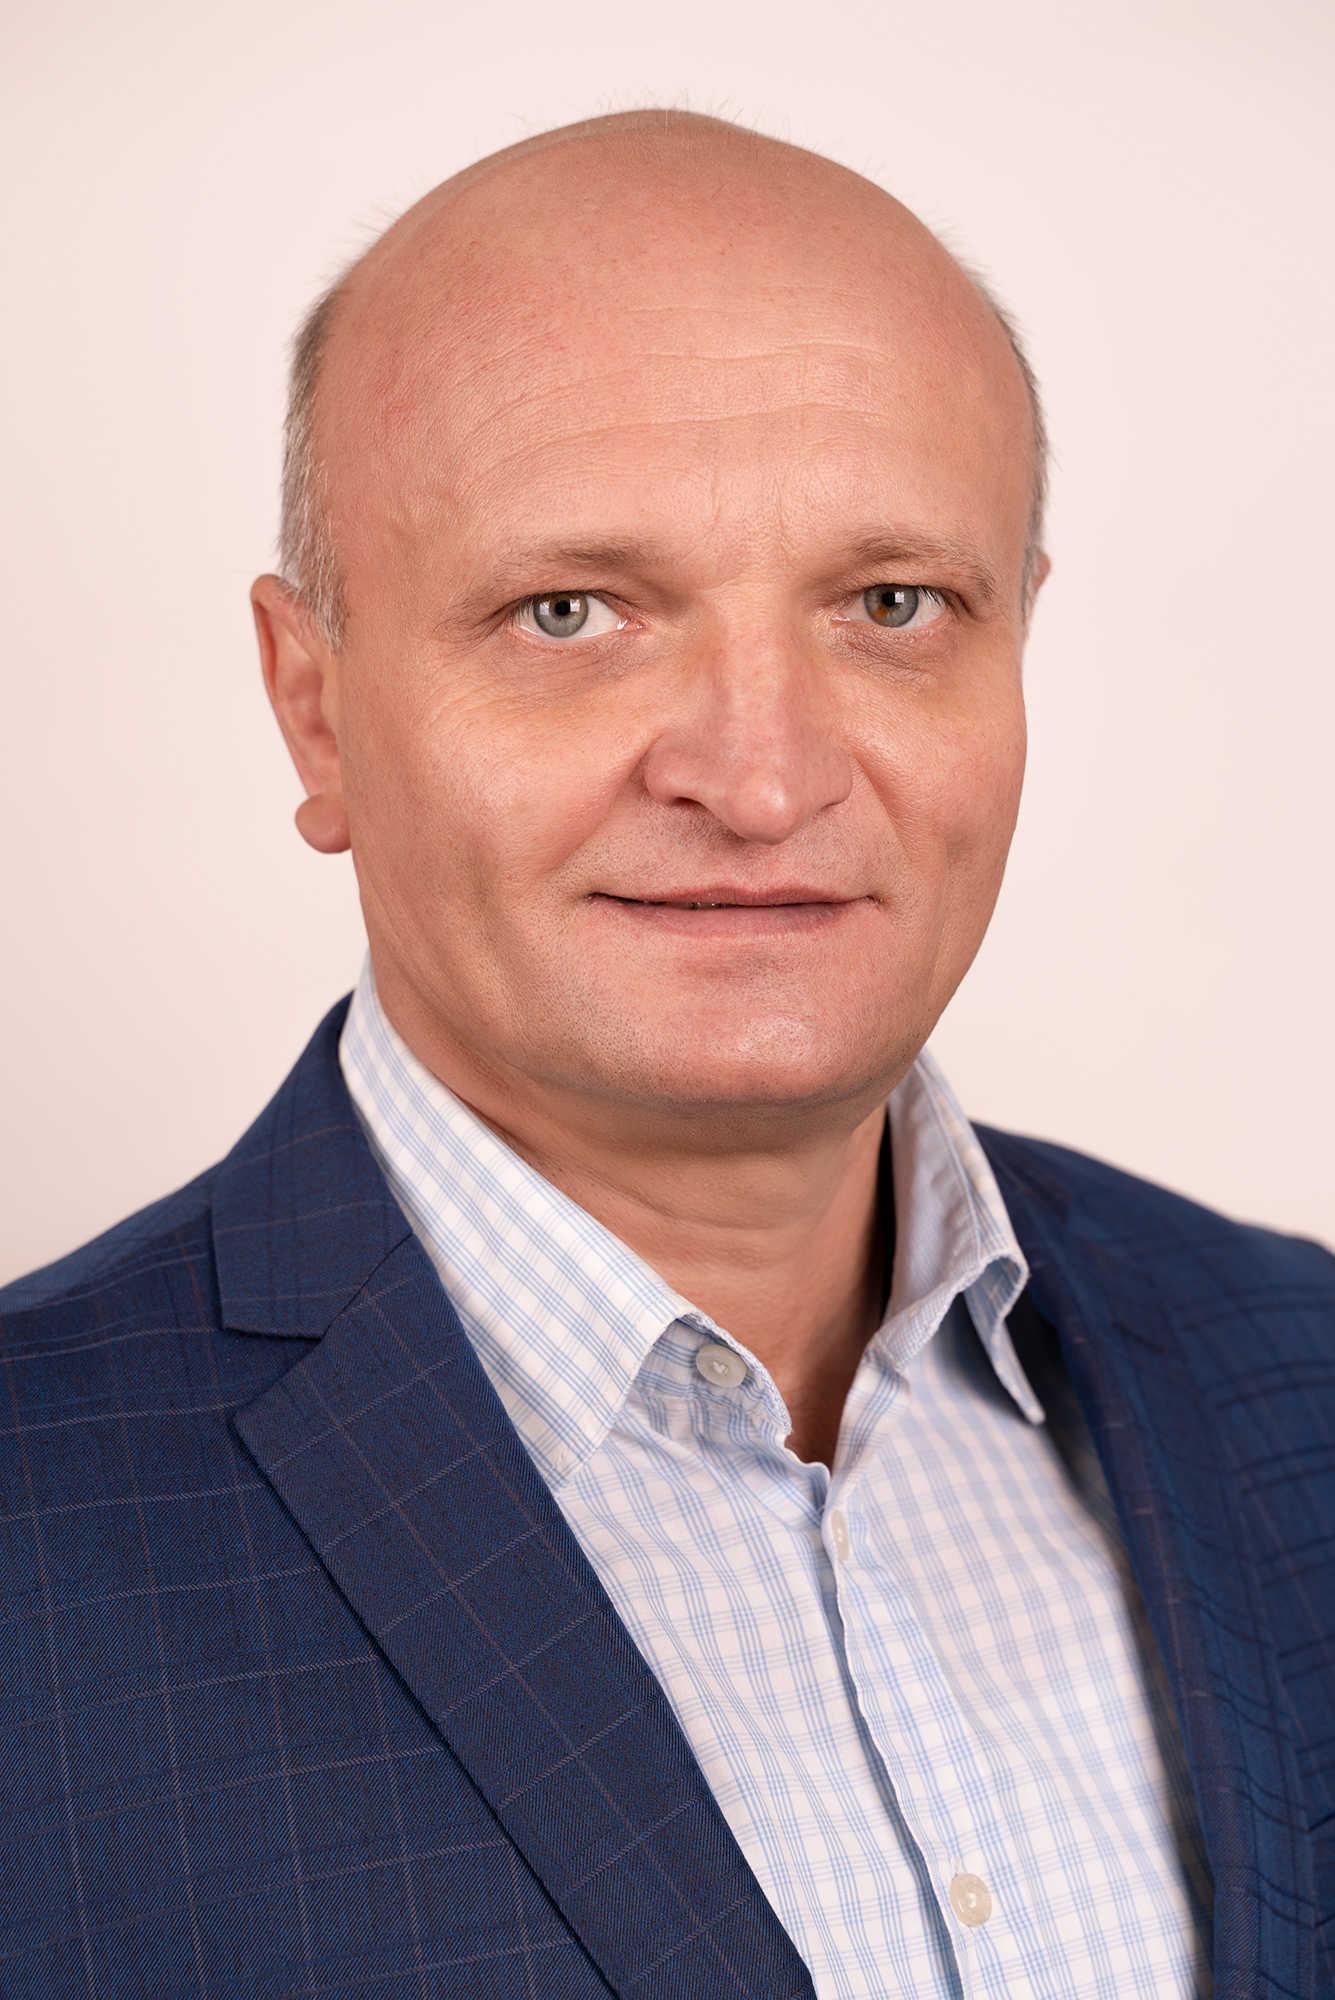 АлтуховАльбертАнатольевич-главныйинженер_optimized